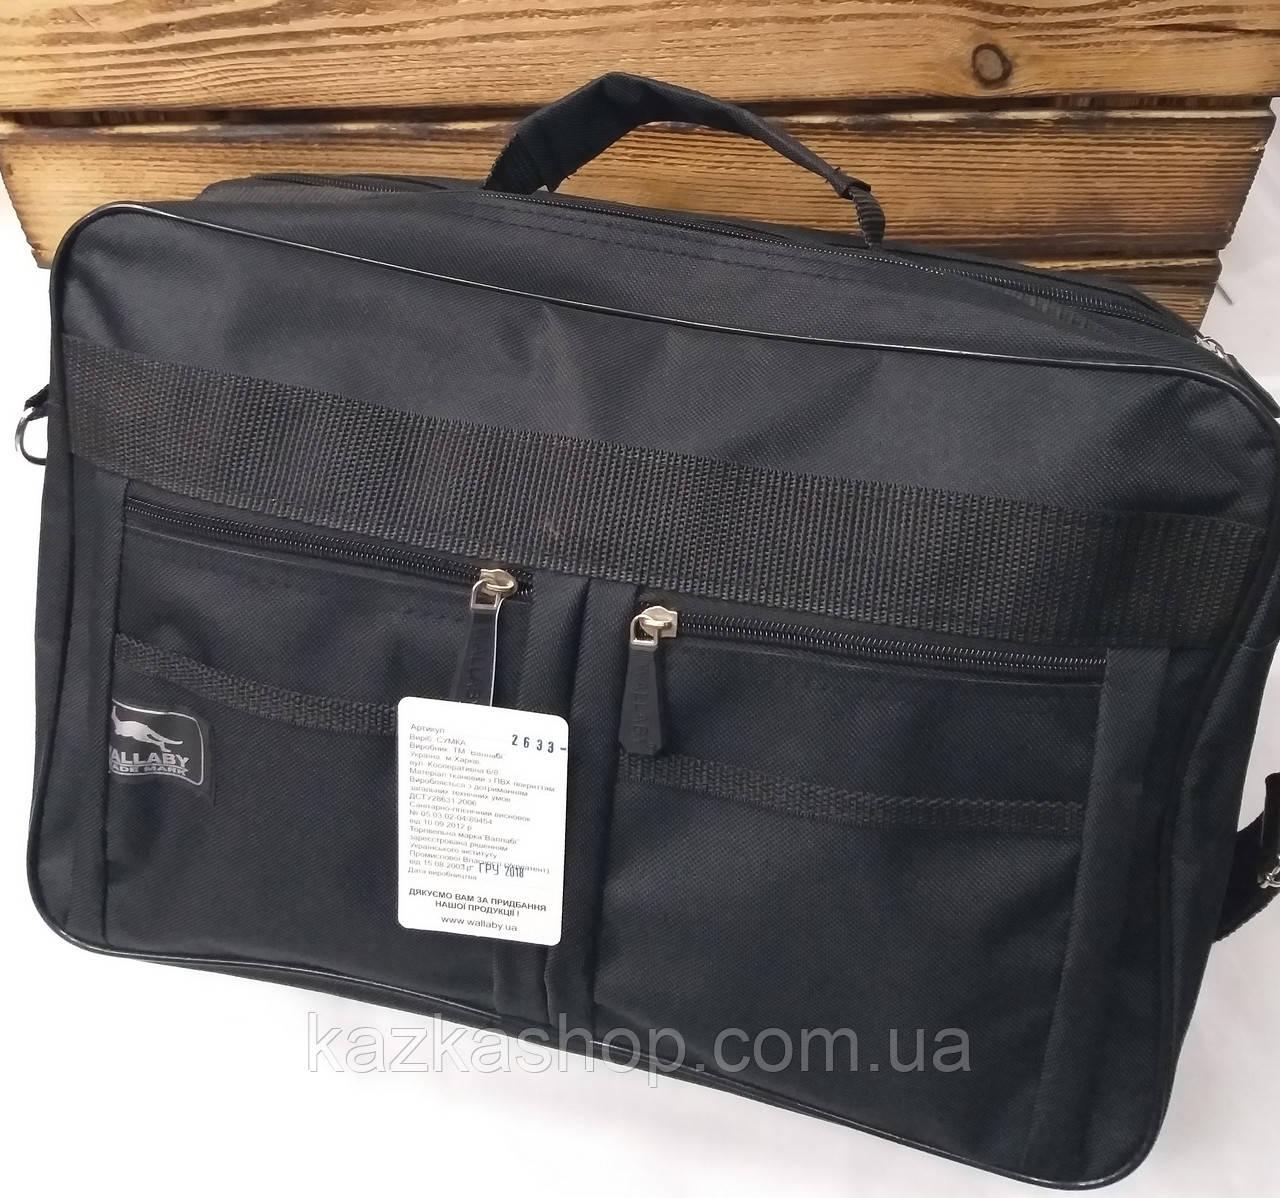 844837f9aca3 Легкая сумка из ткани «жатка» с пропиткой ТМ